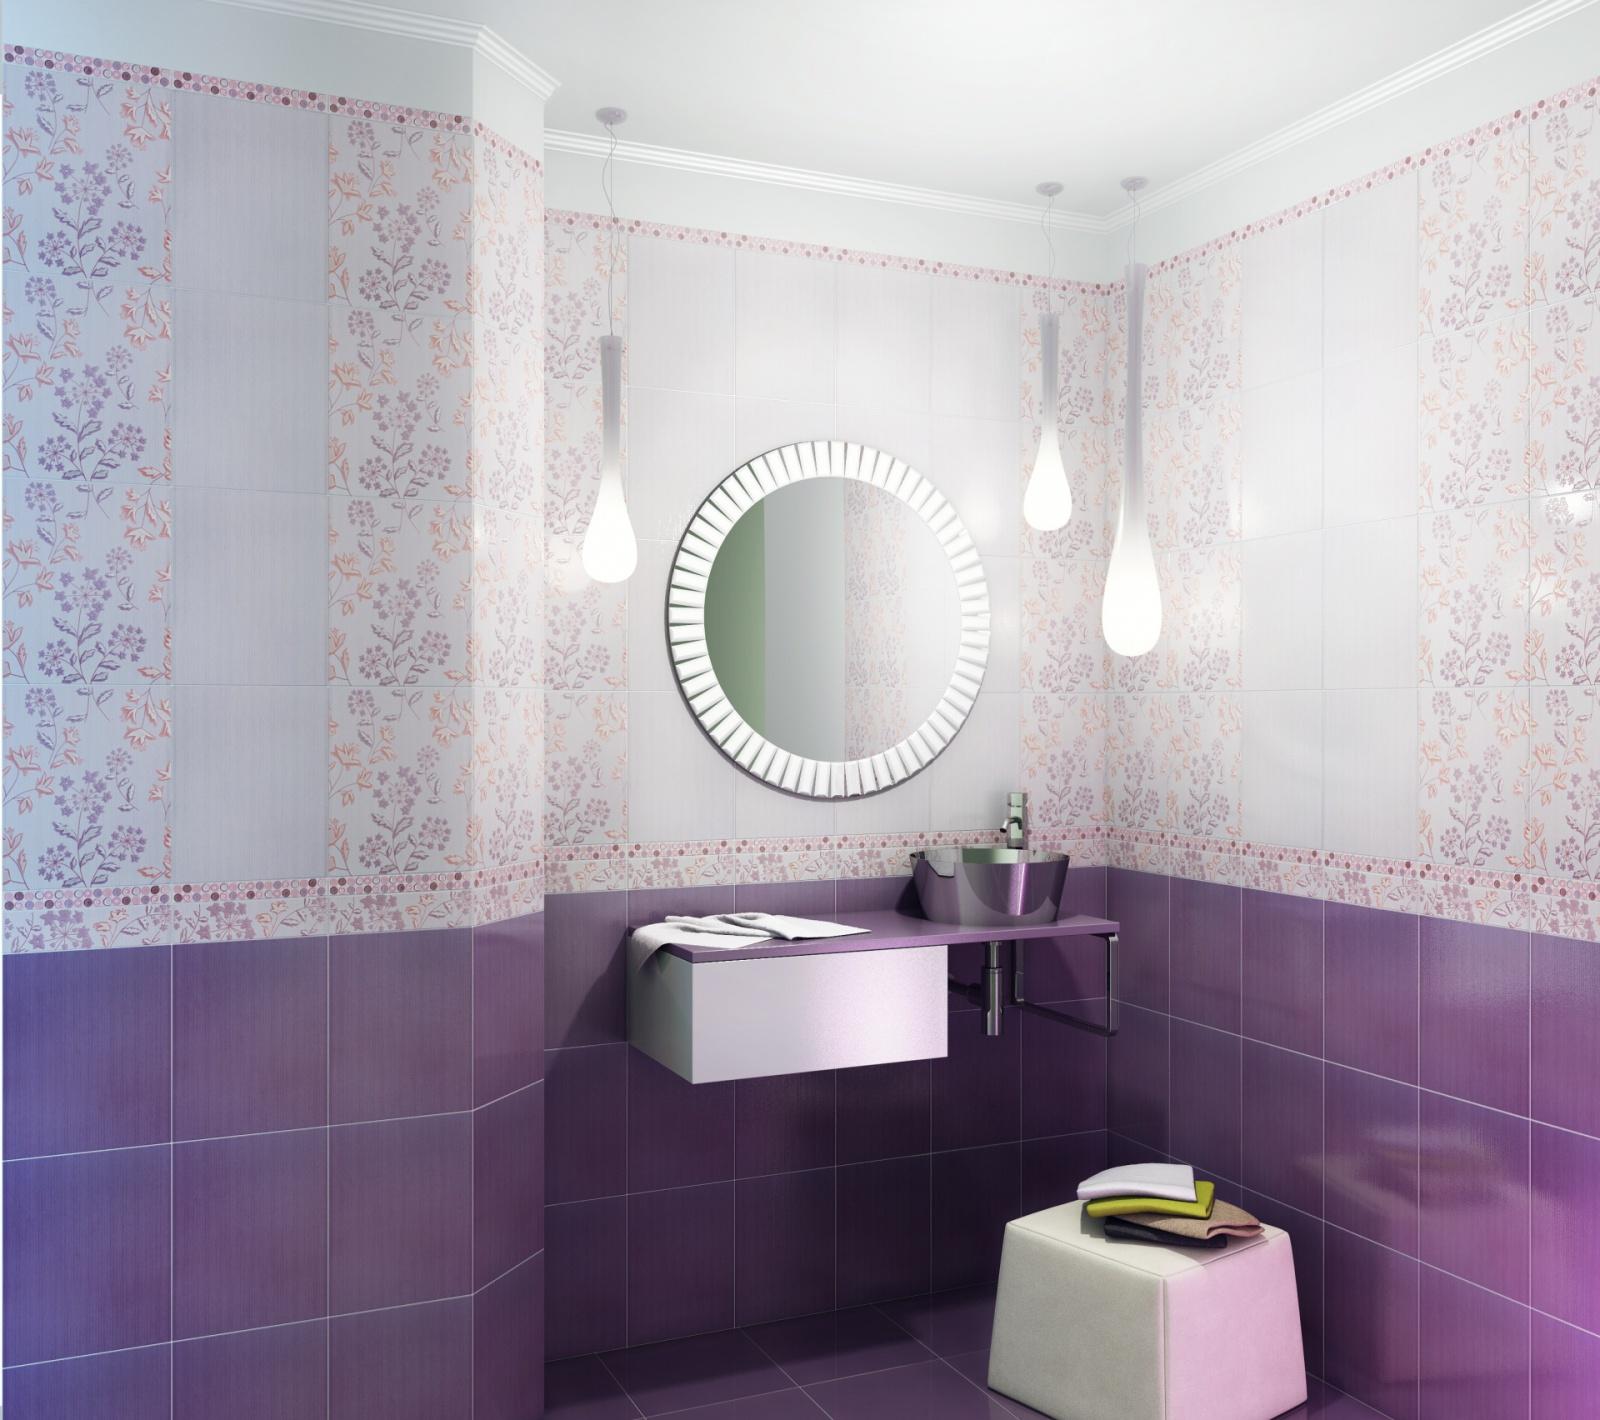 Фото дизайна шахтинской плитки в ванной комнате